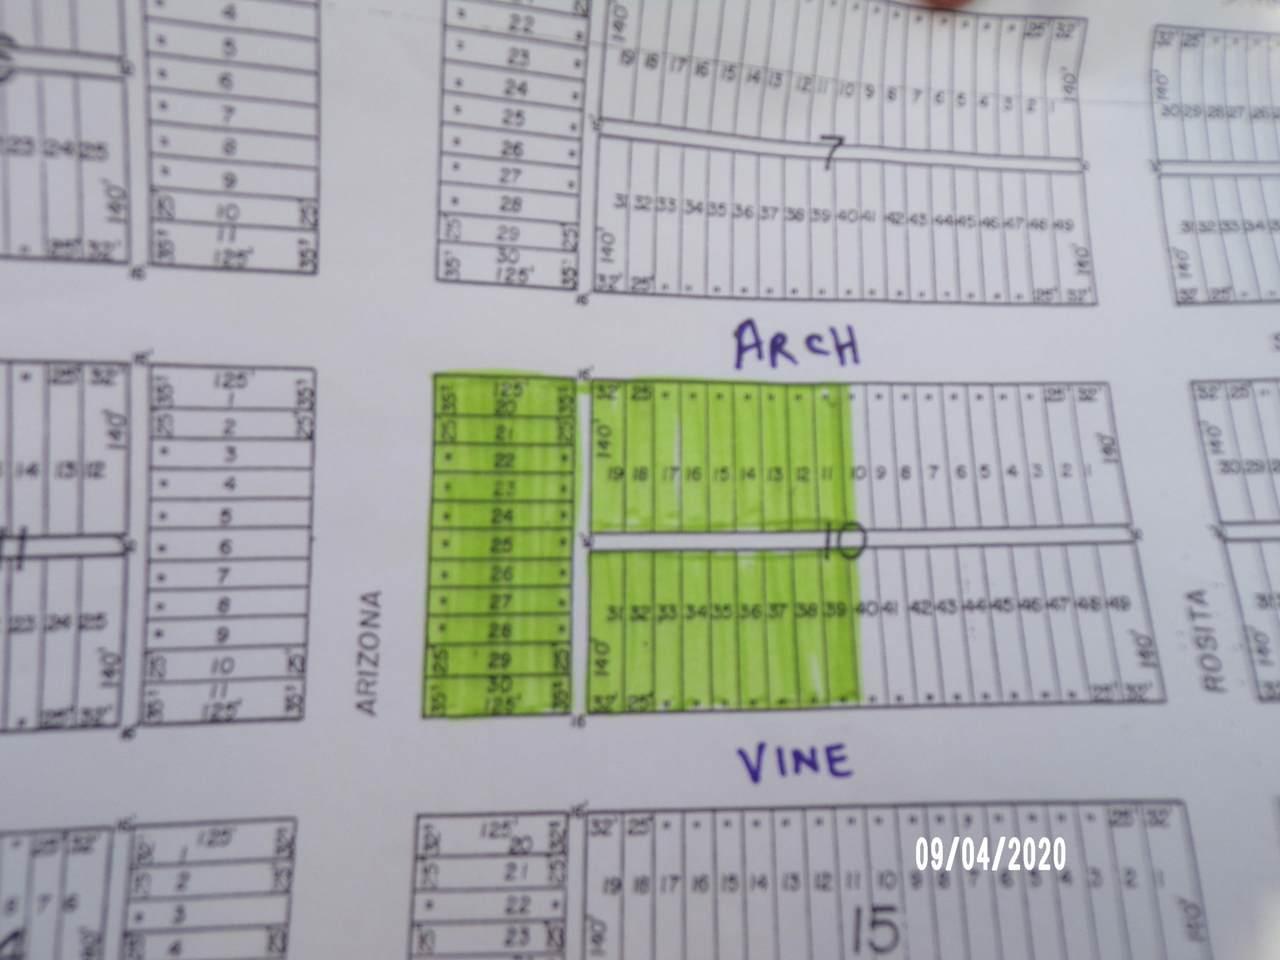 unassigned Arizona And Vine - Photo 1